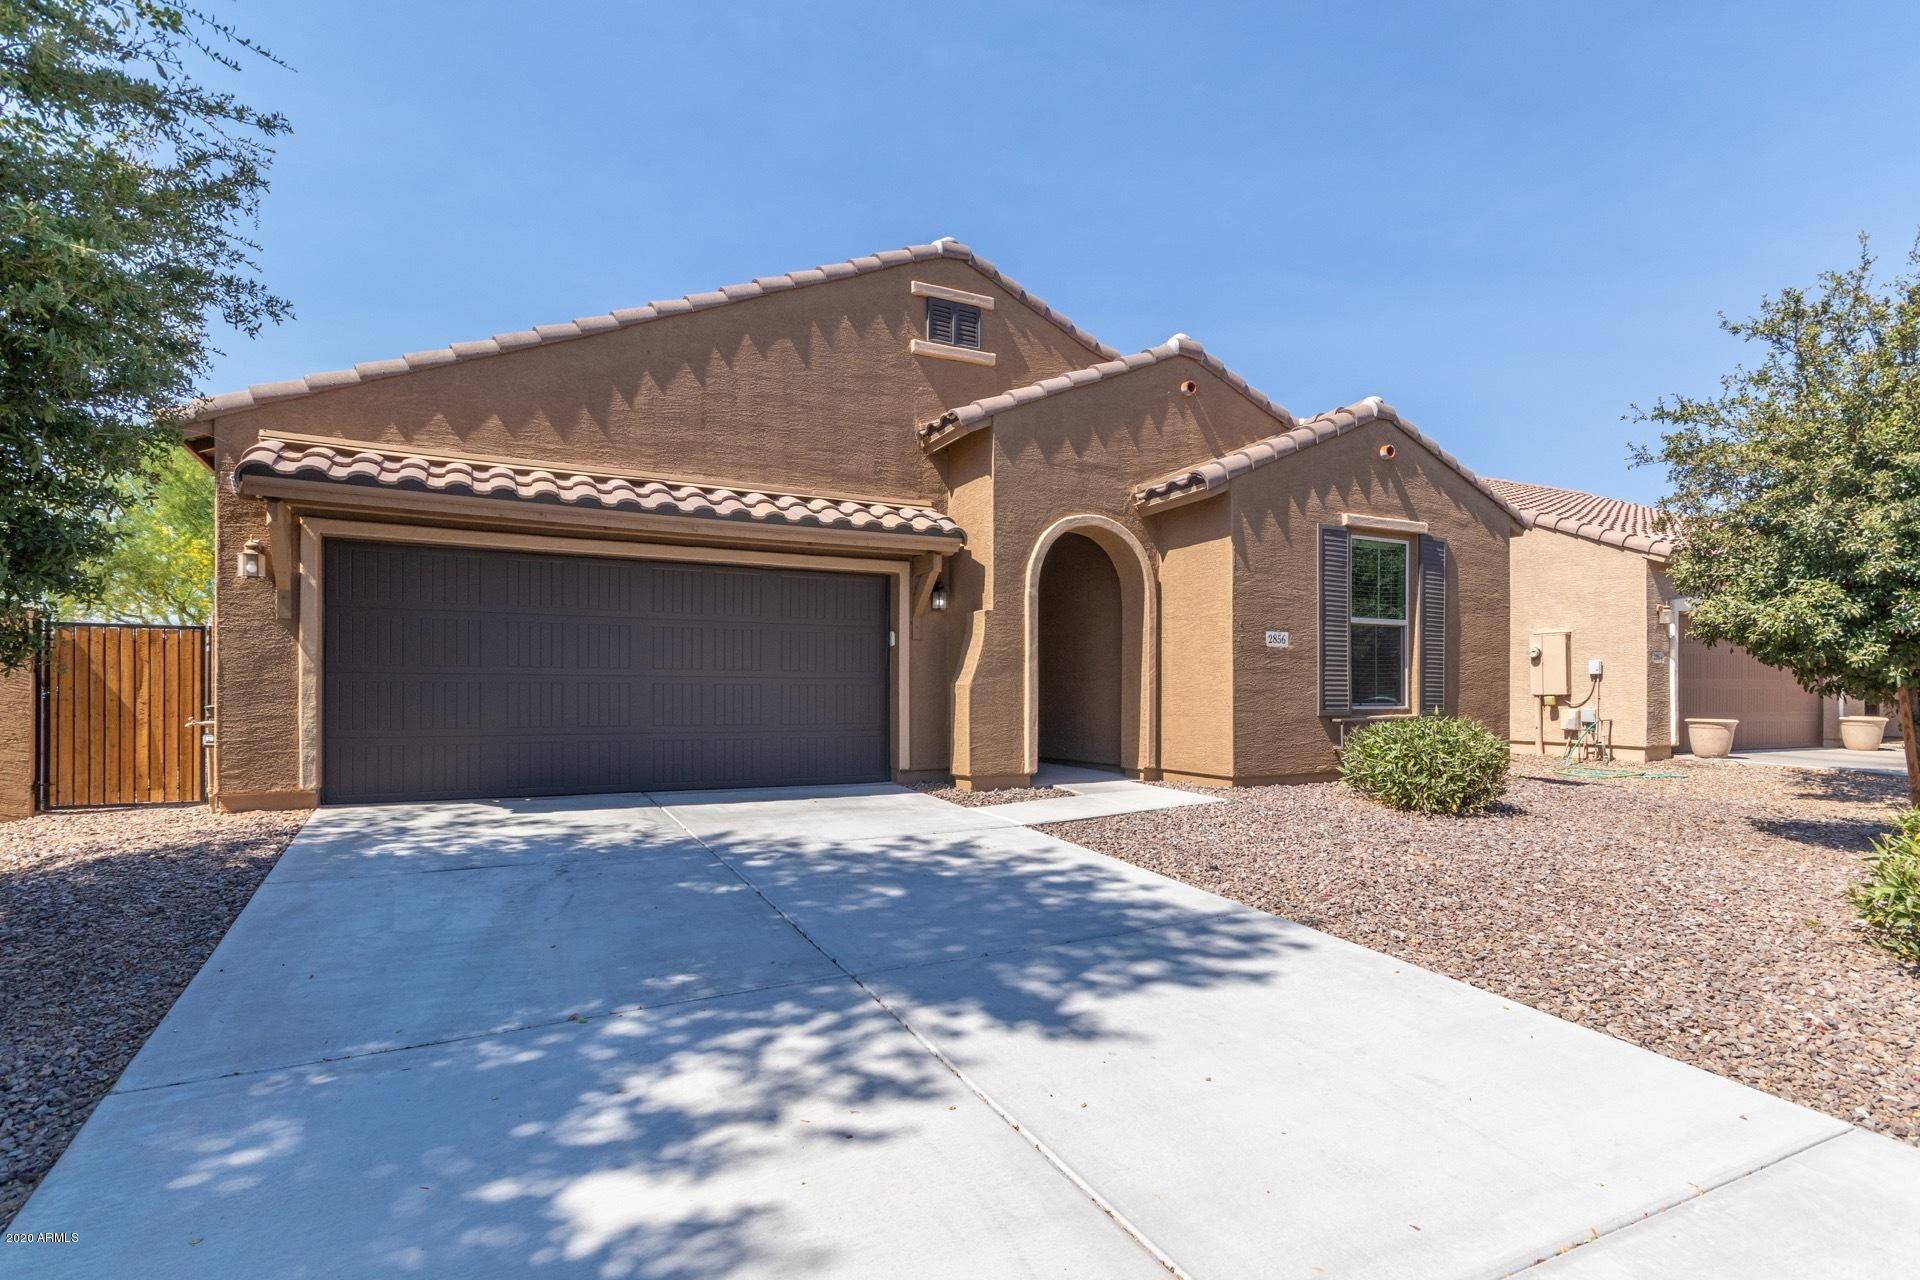 2856 E MEADOWVIEW Drive, Gilbert, AZ 85298 - #: 6094687